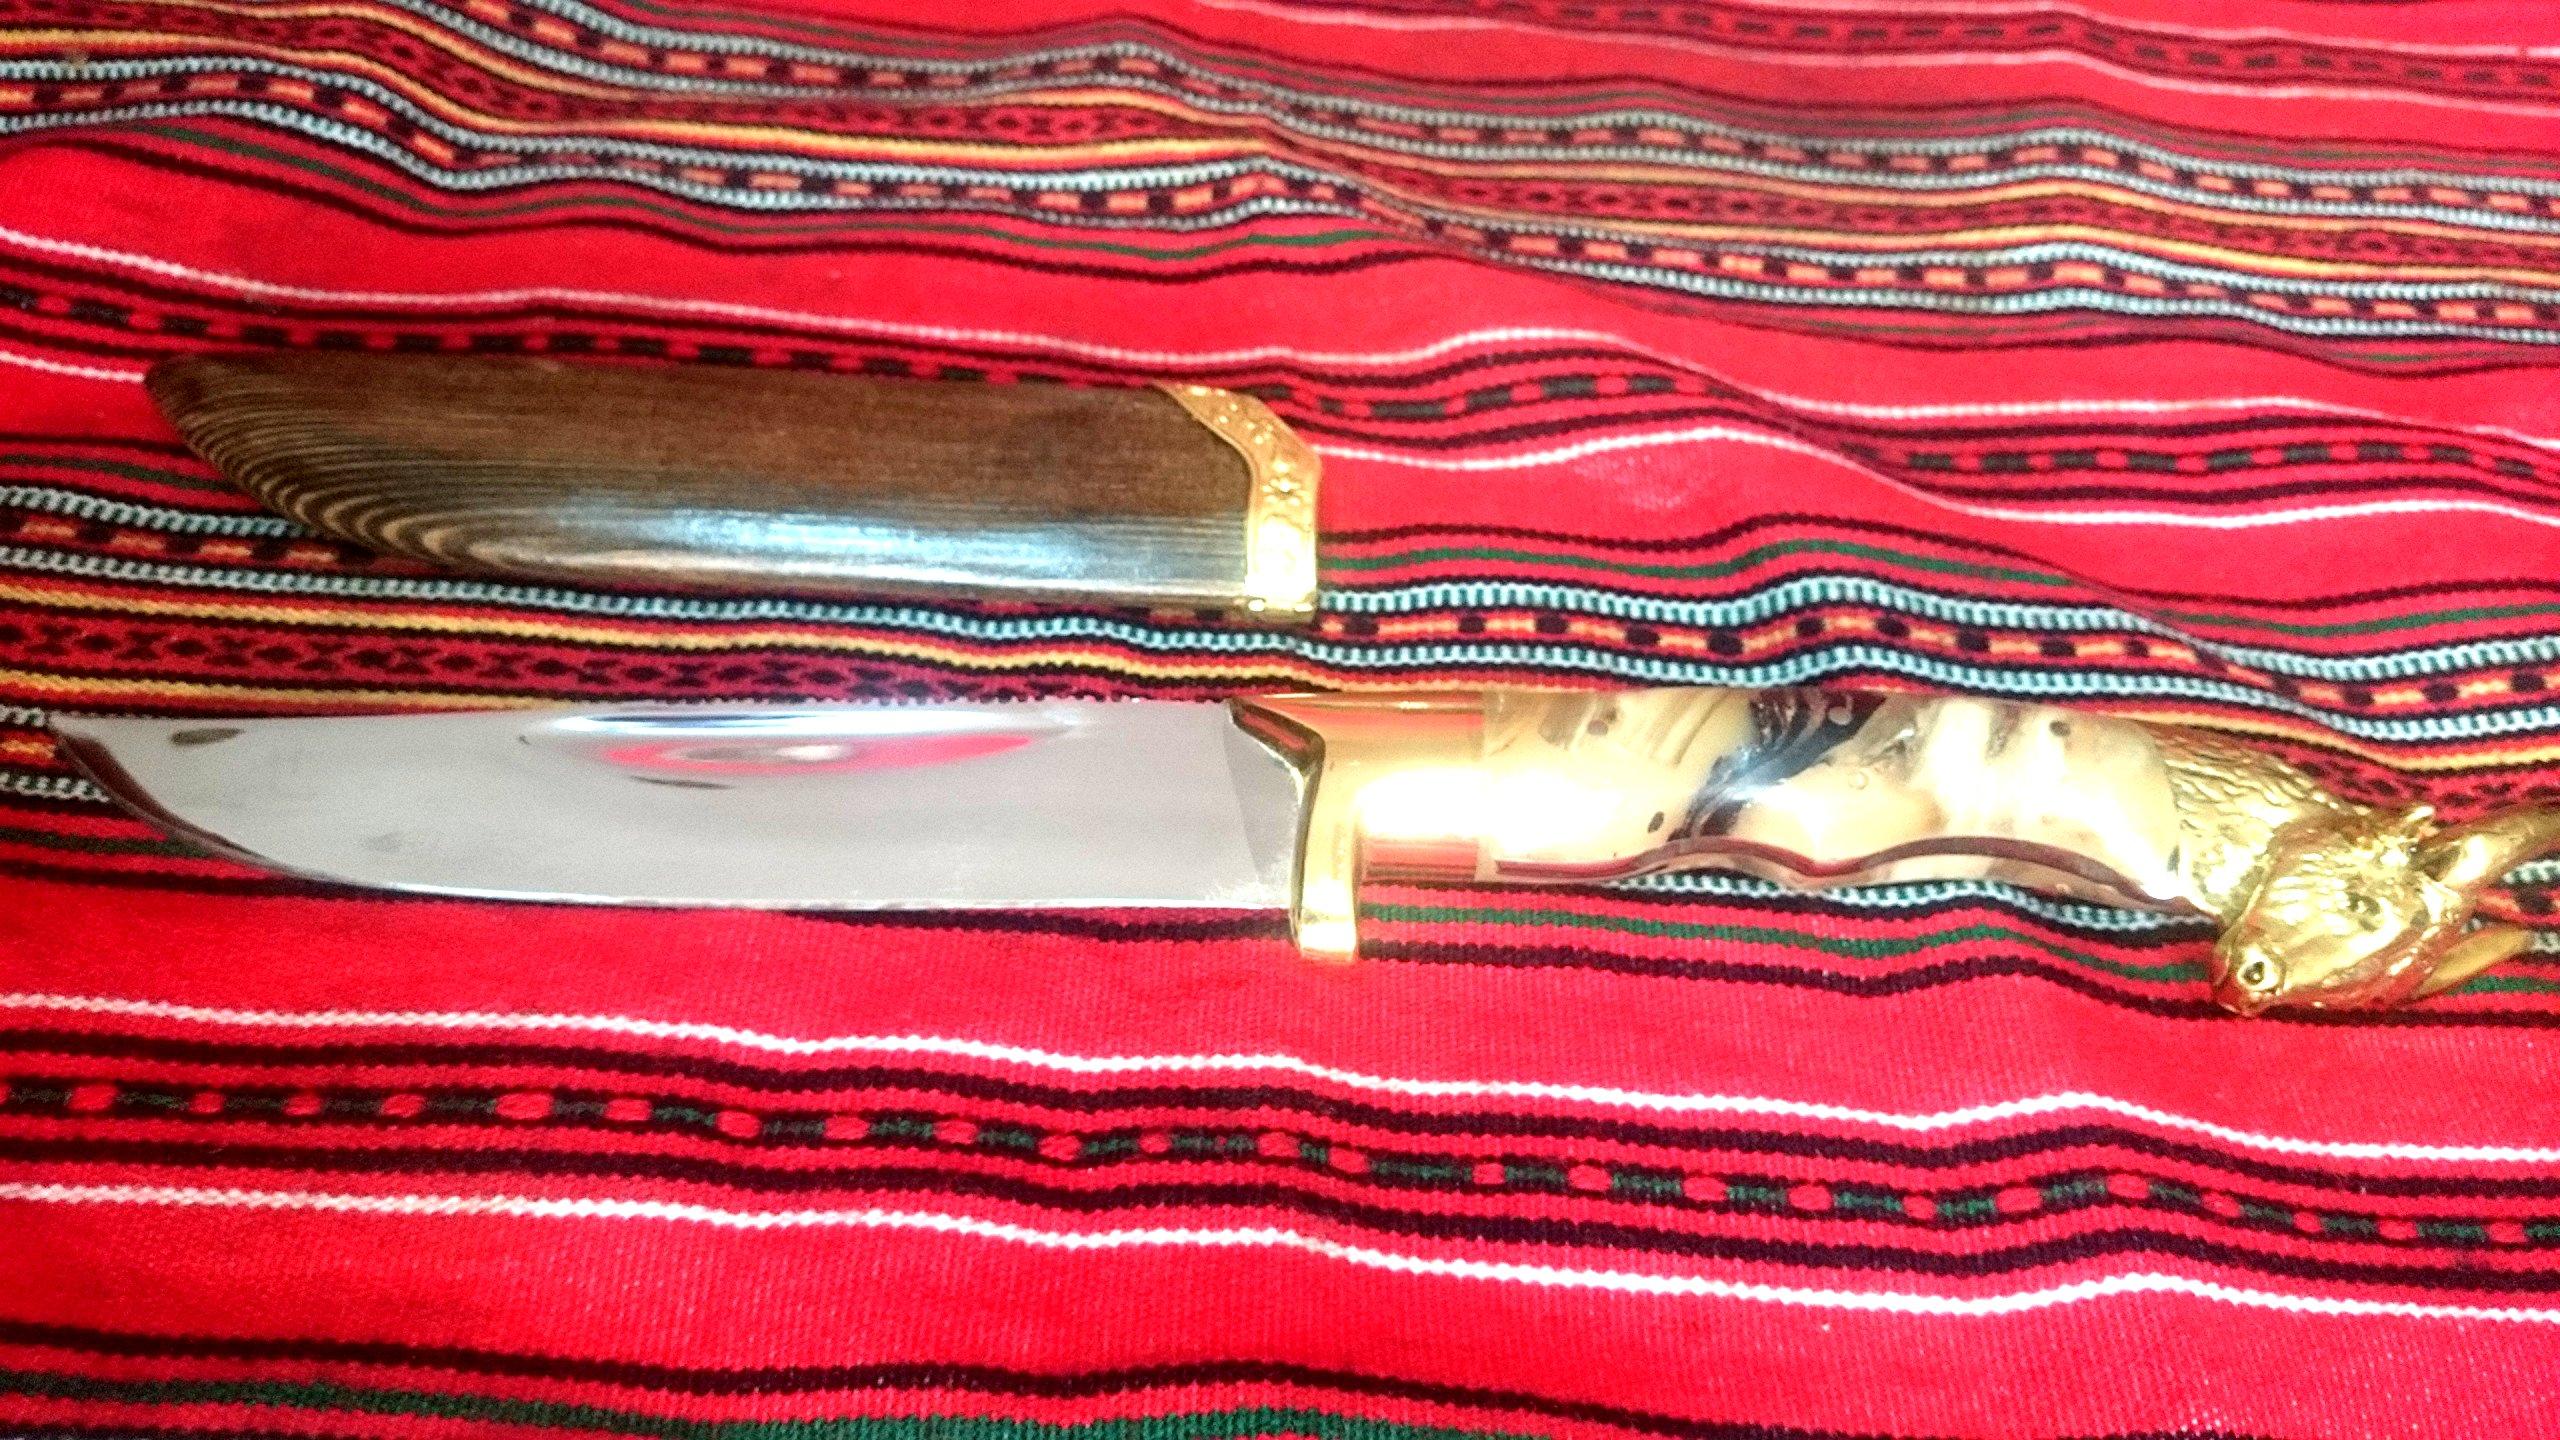 Palamianakis Knives FIXED BLADE, HANDMADE, KNIFE, HANDLE FROM HORN AND BRONZE MINOTAUR,VERY SHARP by Palamianakis Knives